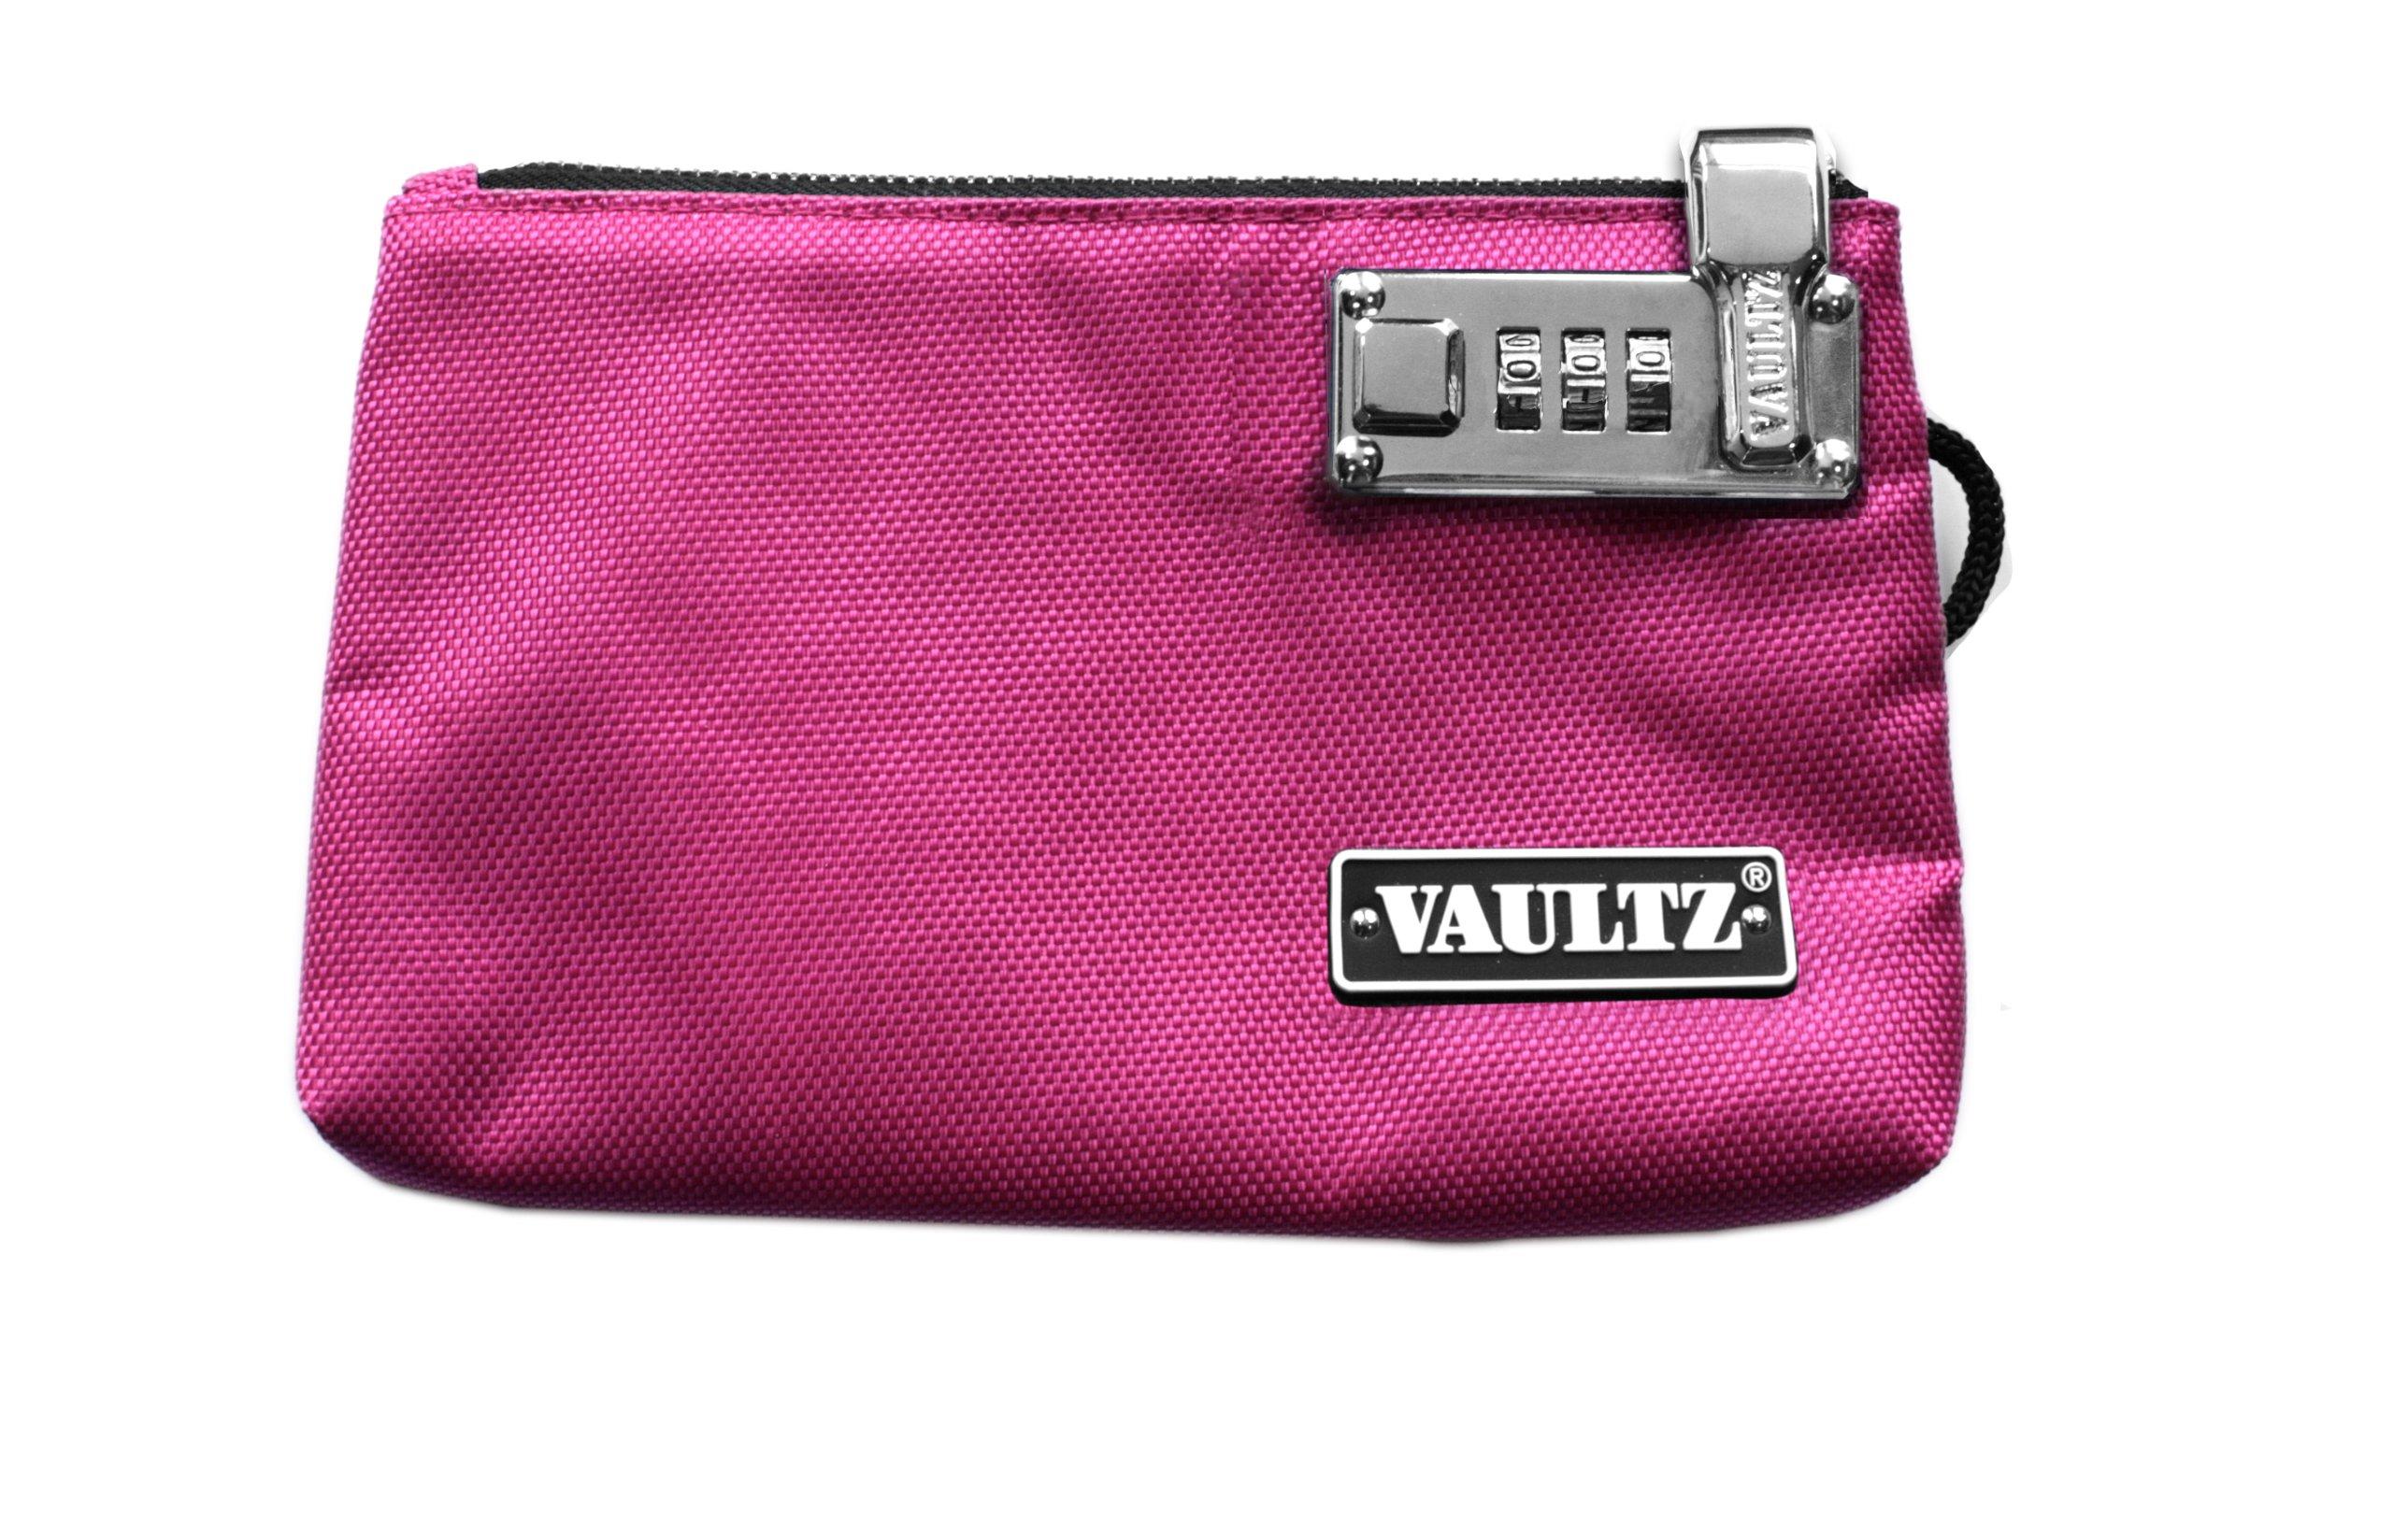 Vaultz Locking Zipper Pouch, 5 x 8 Inches, Pink (VZ00471)